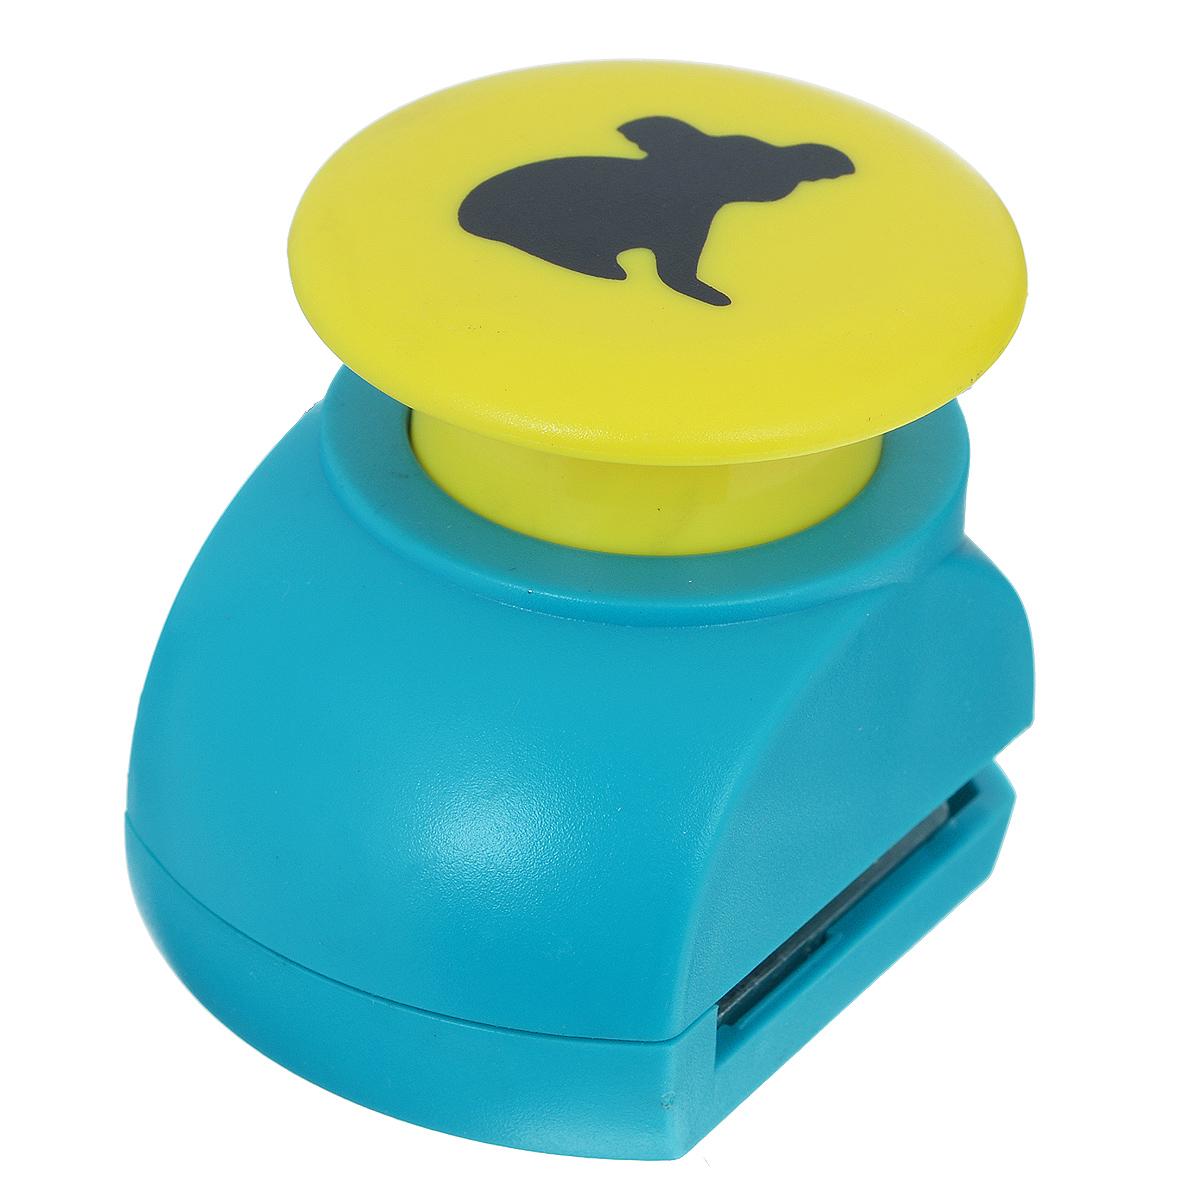 Дырокол фигурный Астра Коала. JF-823FS-00897Дырокол Астра Коала поможет вам легко, просто и аккуратно вырезать много одинаковых мелких фигурок.Режущие части компостера закрыты пластмассовым корпусом, что обеспечивает безопасность для детей. Можно использовать вырезанные мотивы как конфетти или для наклеивания. Дырокол подходит для разных техник: декупажа, скрапбукинга, декорирования.Размер дырокола: 5 см х 4 см х 5 см. Размер готовой фигурки: 1,7 см х 2 см.